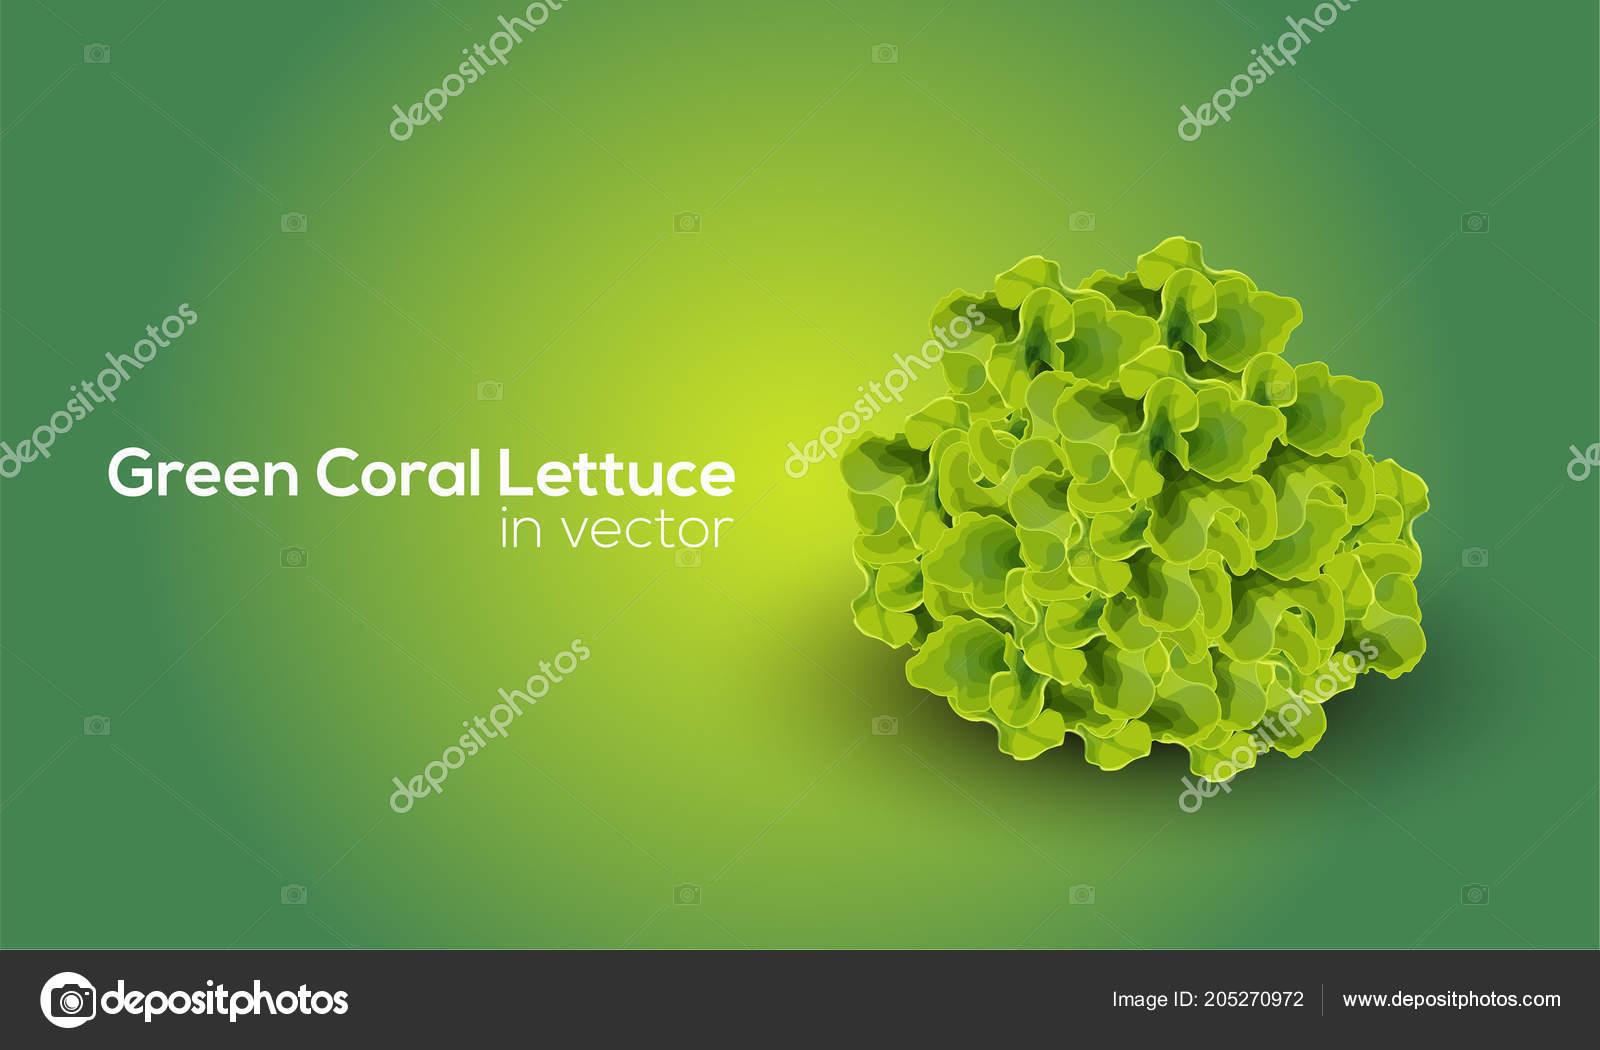 Zelena Koralove Hlavkovy Salat Vektorove Grafice Kresleni Aplikaci